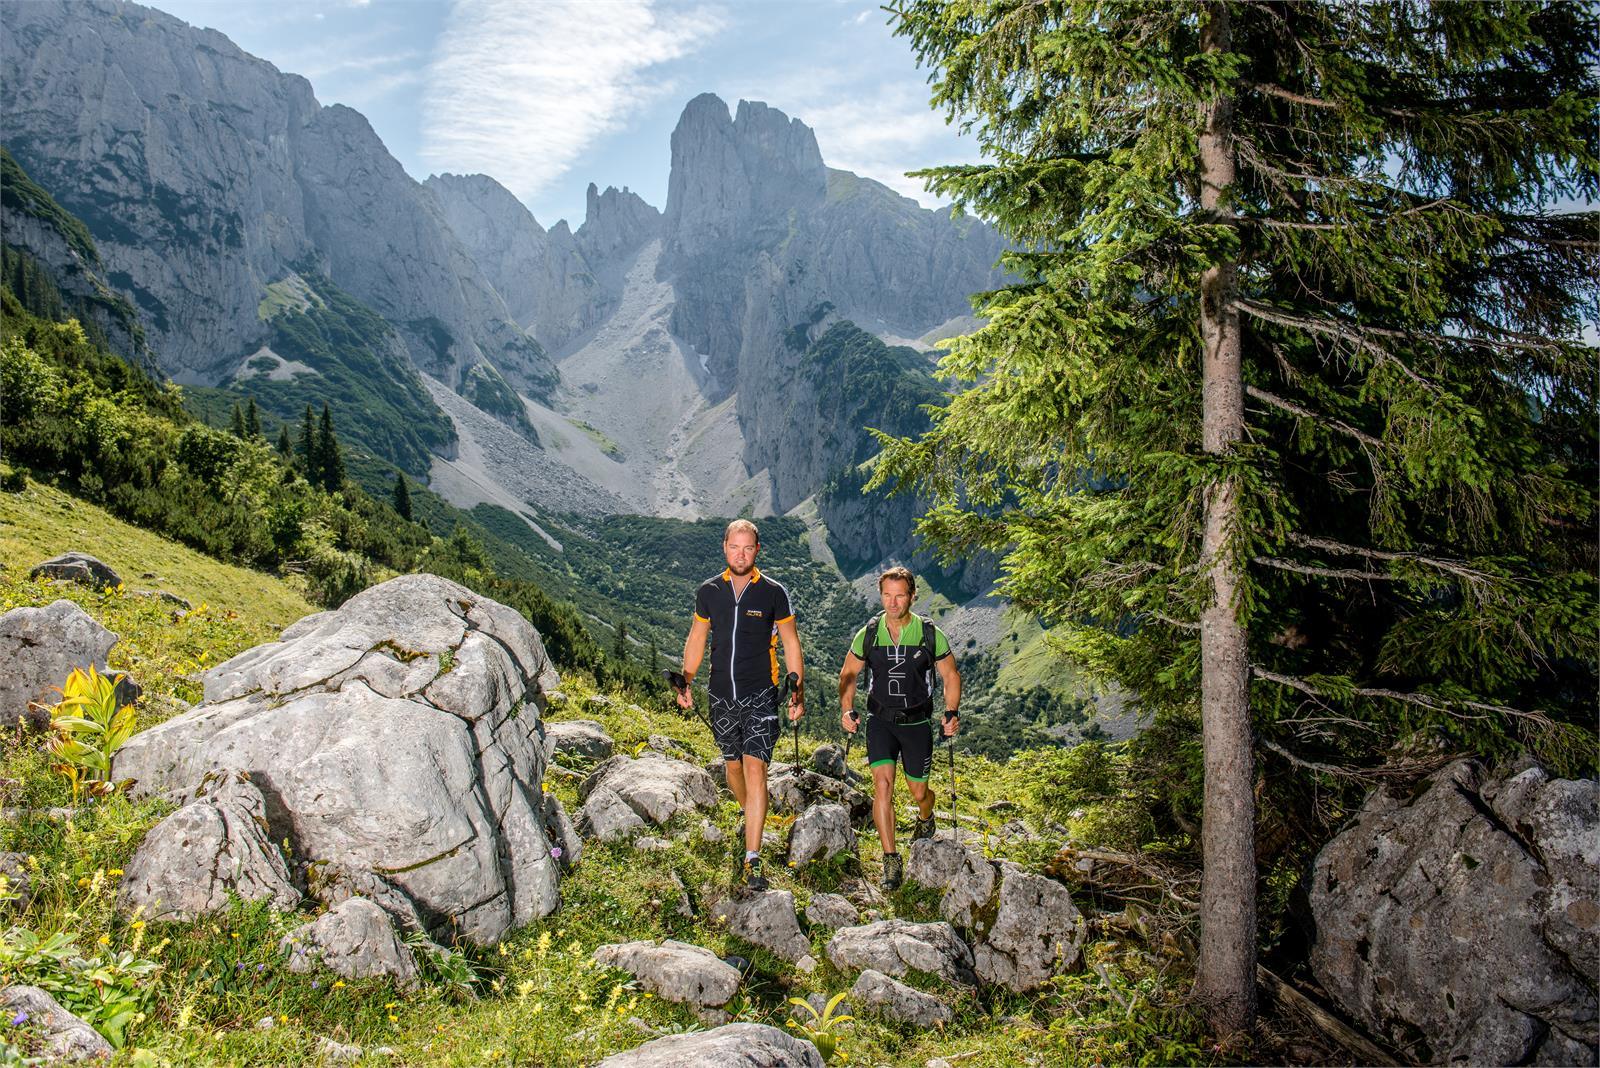 Wandern in Annaberger Lungötz   ©TVB Annaberg-Lungötz